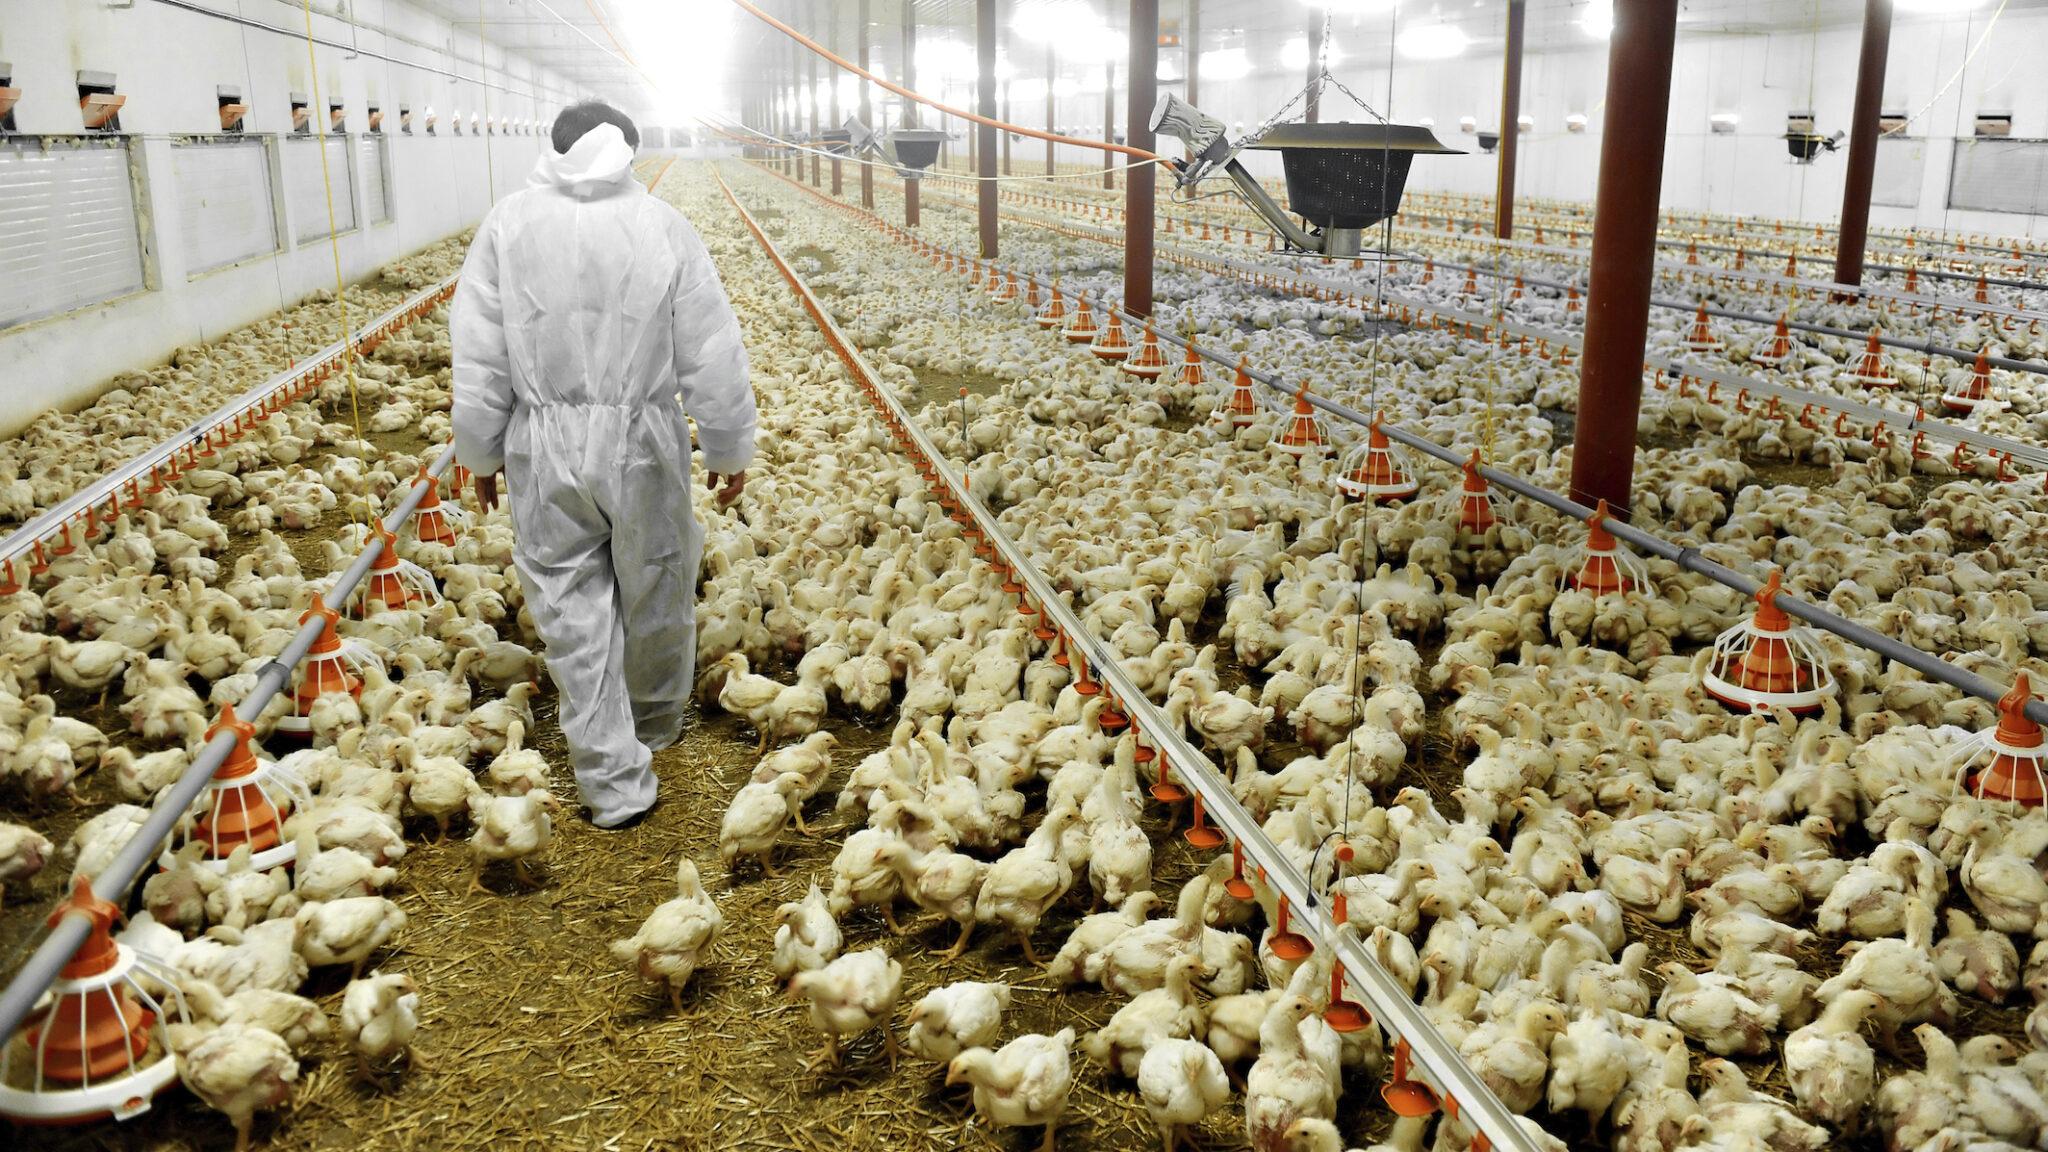 Le condizioni degli allevamenti e dei mattatoi favoriscono i focolai di covid